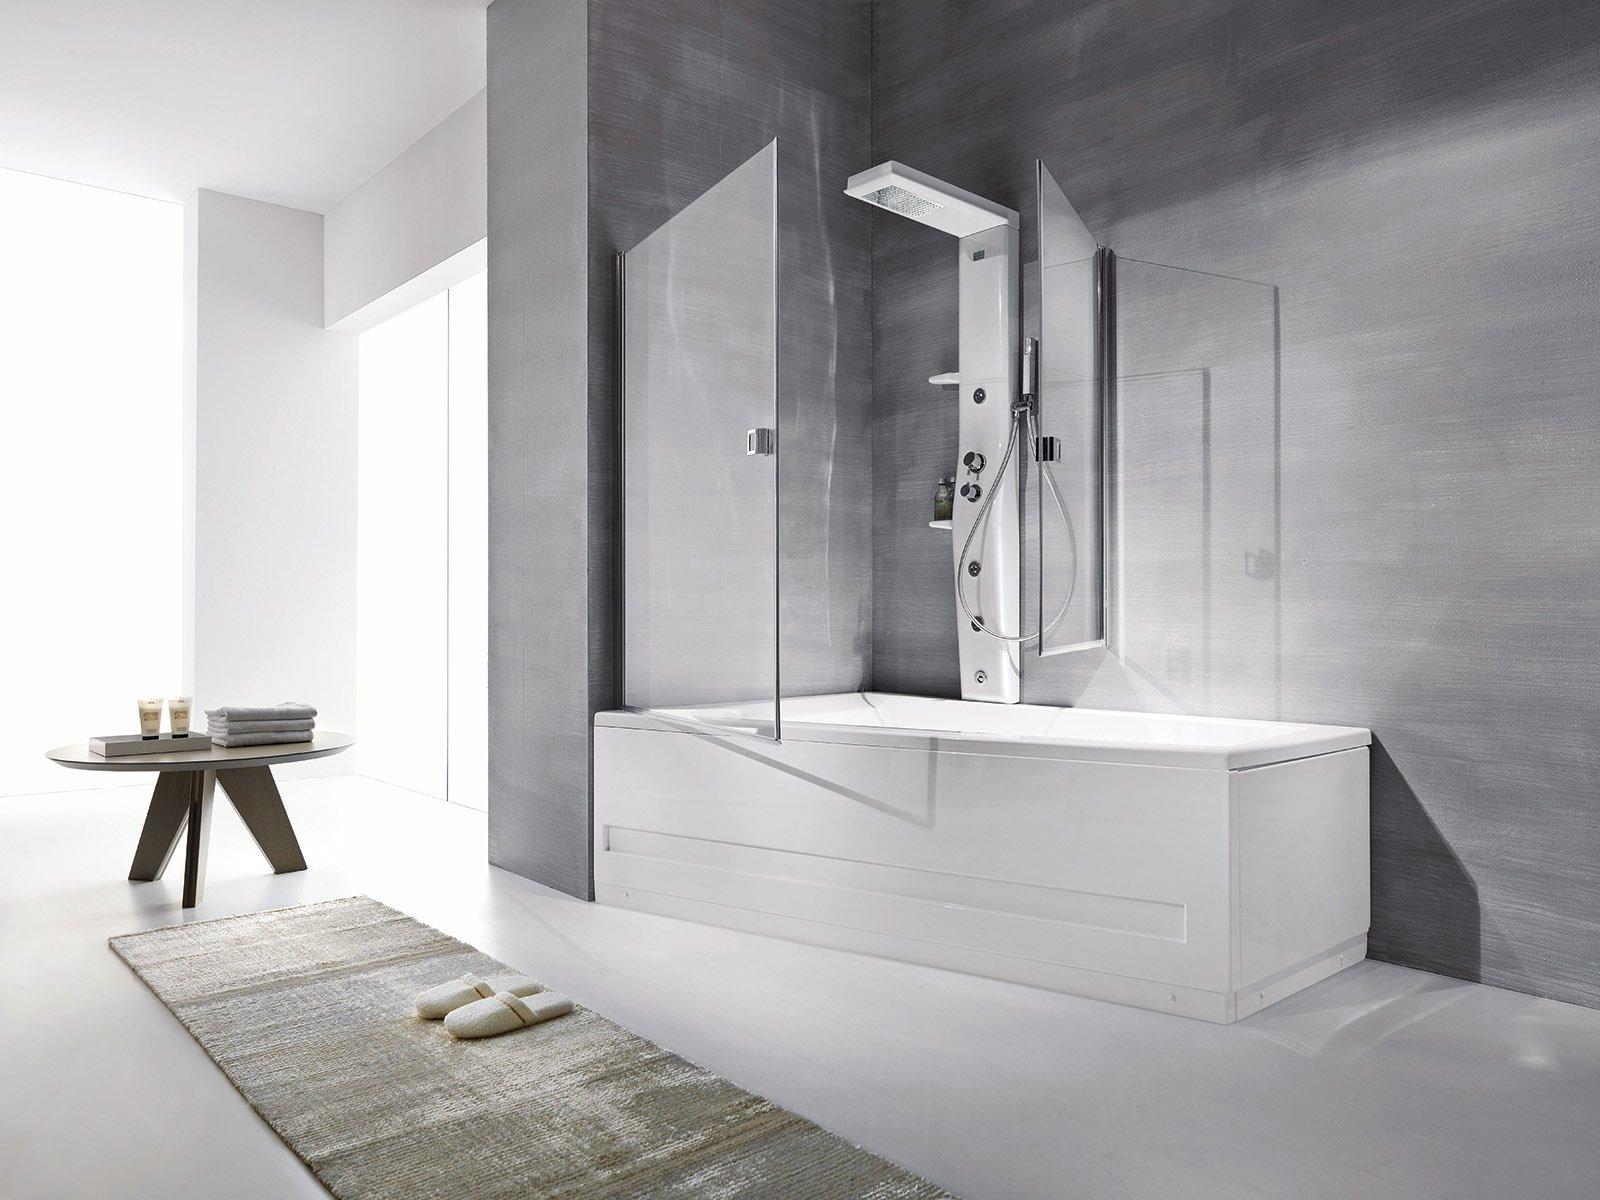 La doccia nella vasca aggiungendo un pannello cose di casa - Bagno con doccia ...